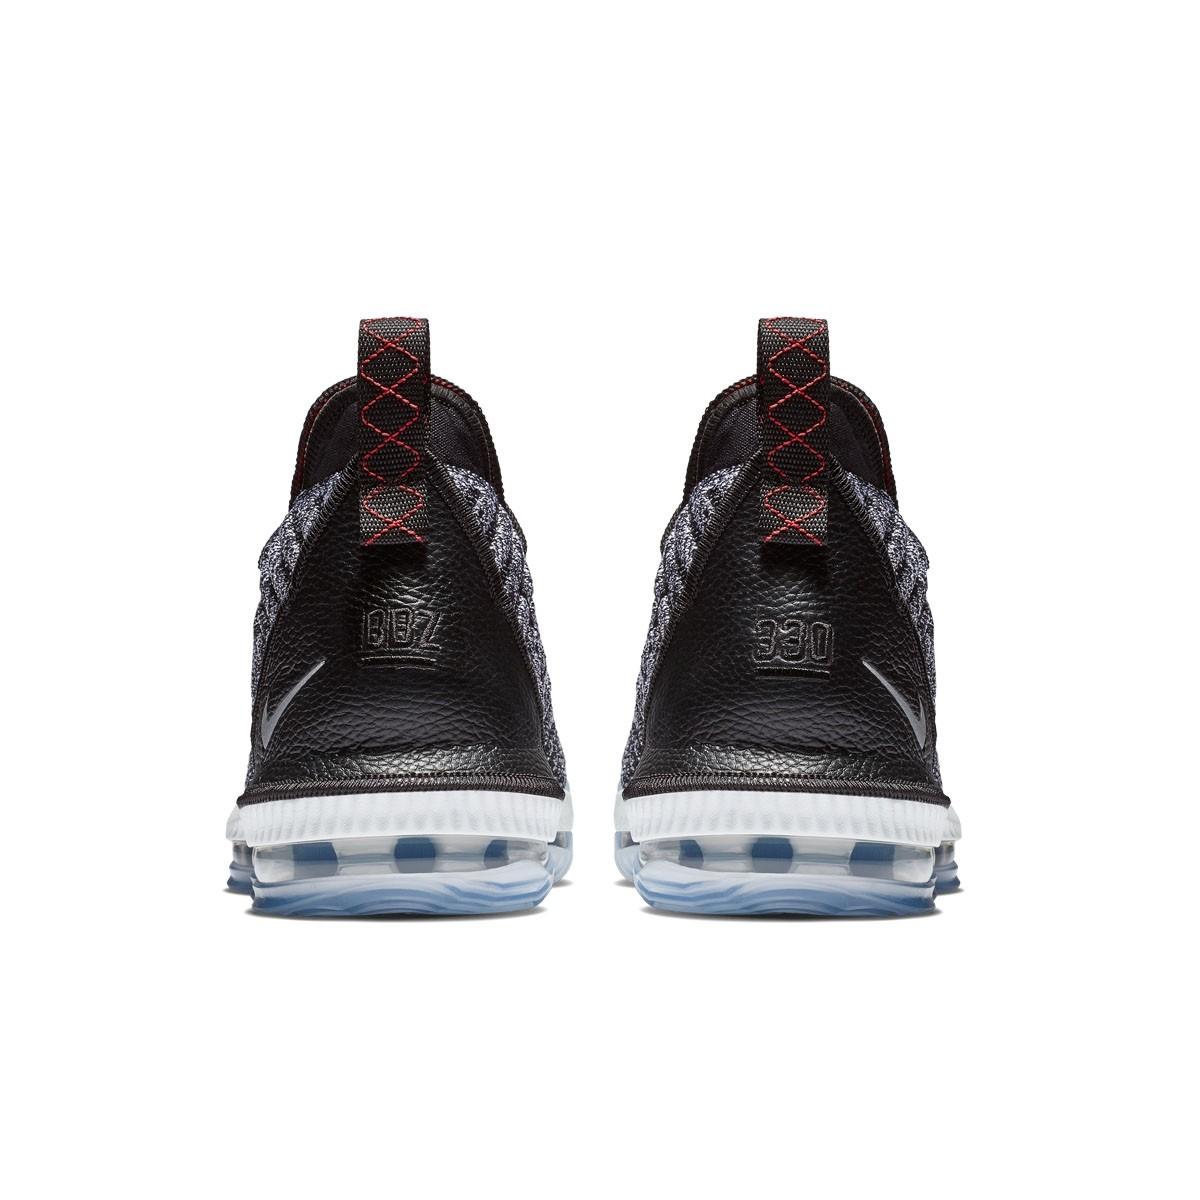 quality design 9e6be 78c5d Nike Lebron XVI  Oreo  AO2588-006